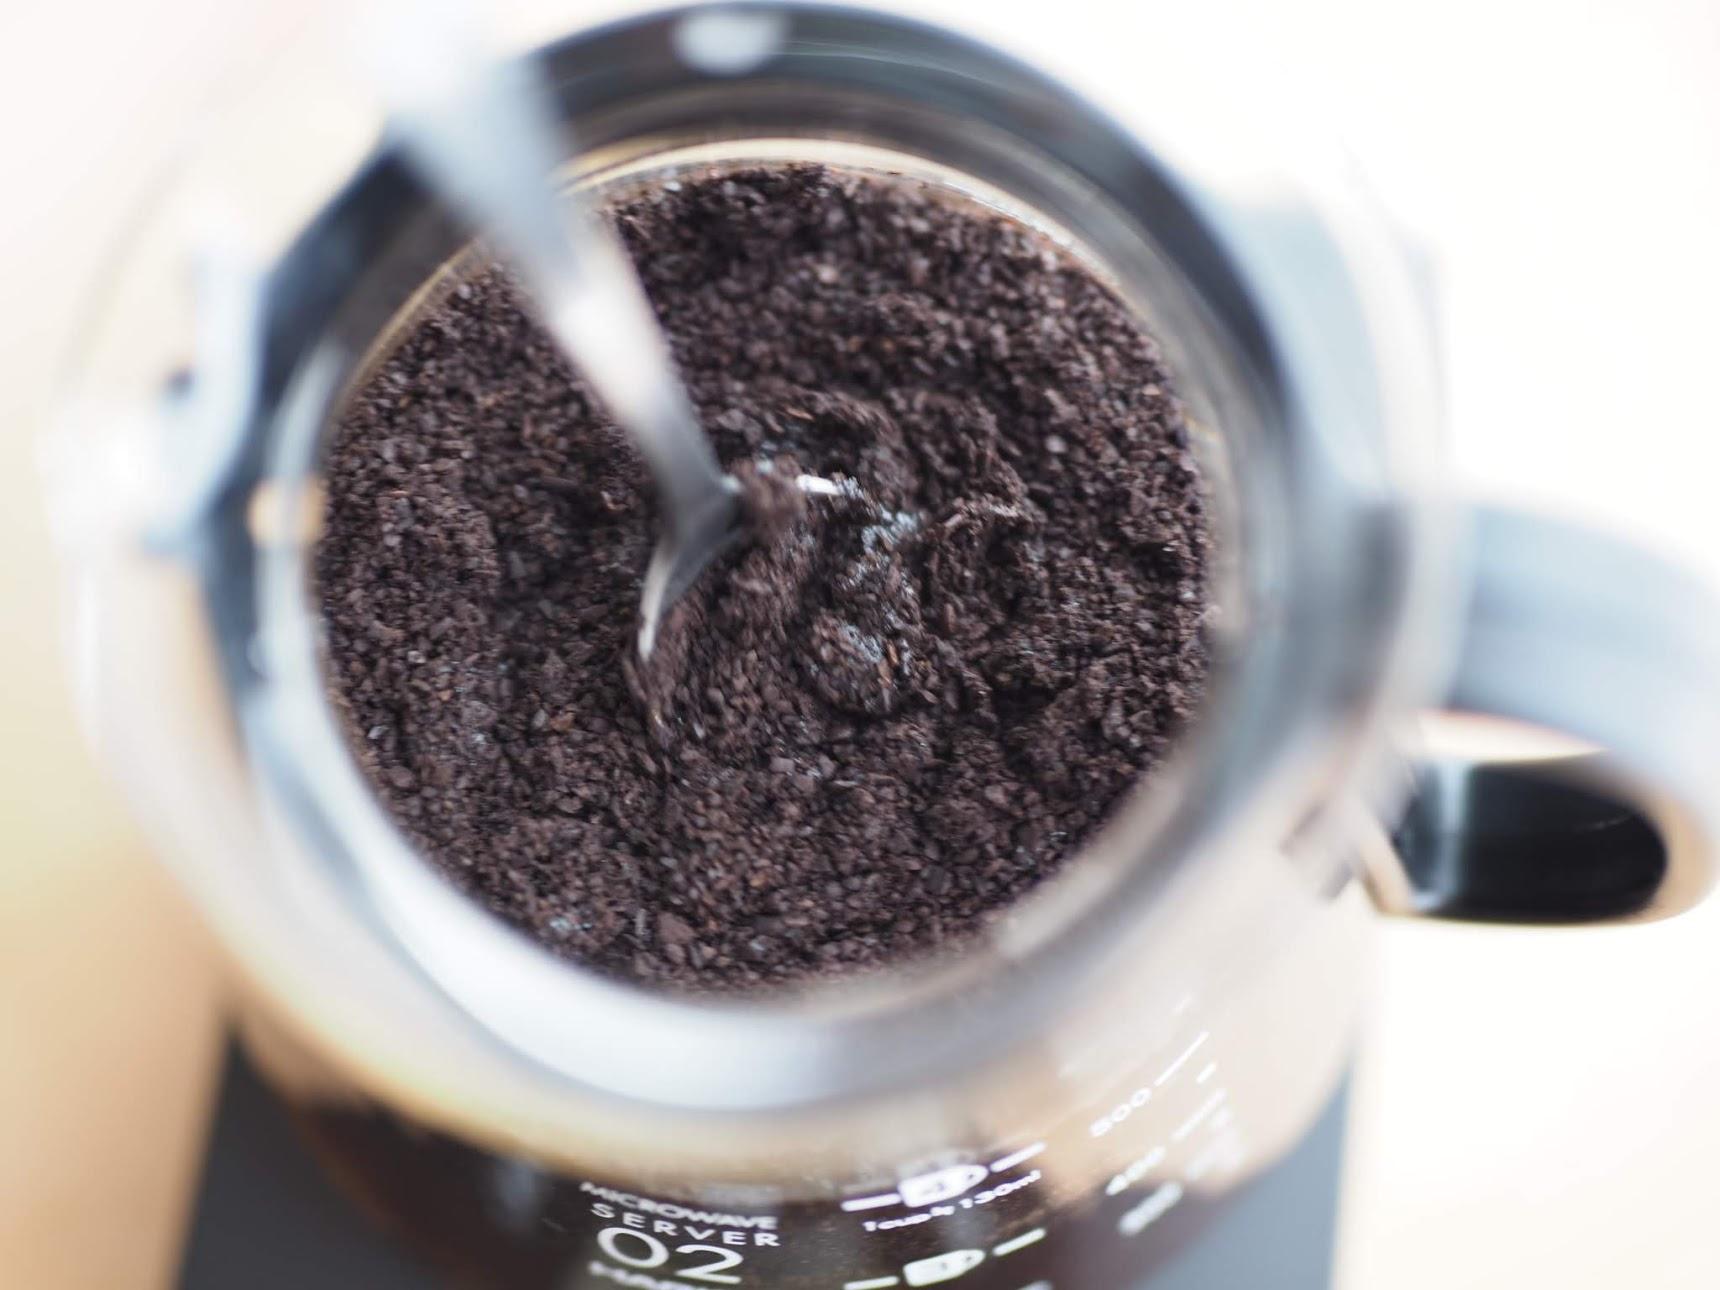 コーヒーをスプーンで撹拌する